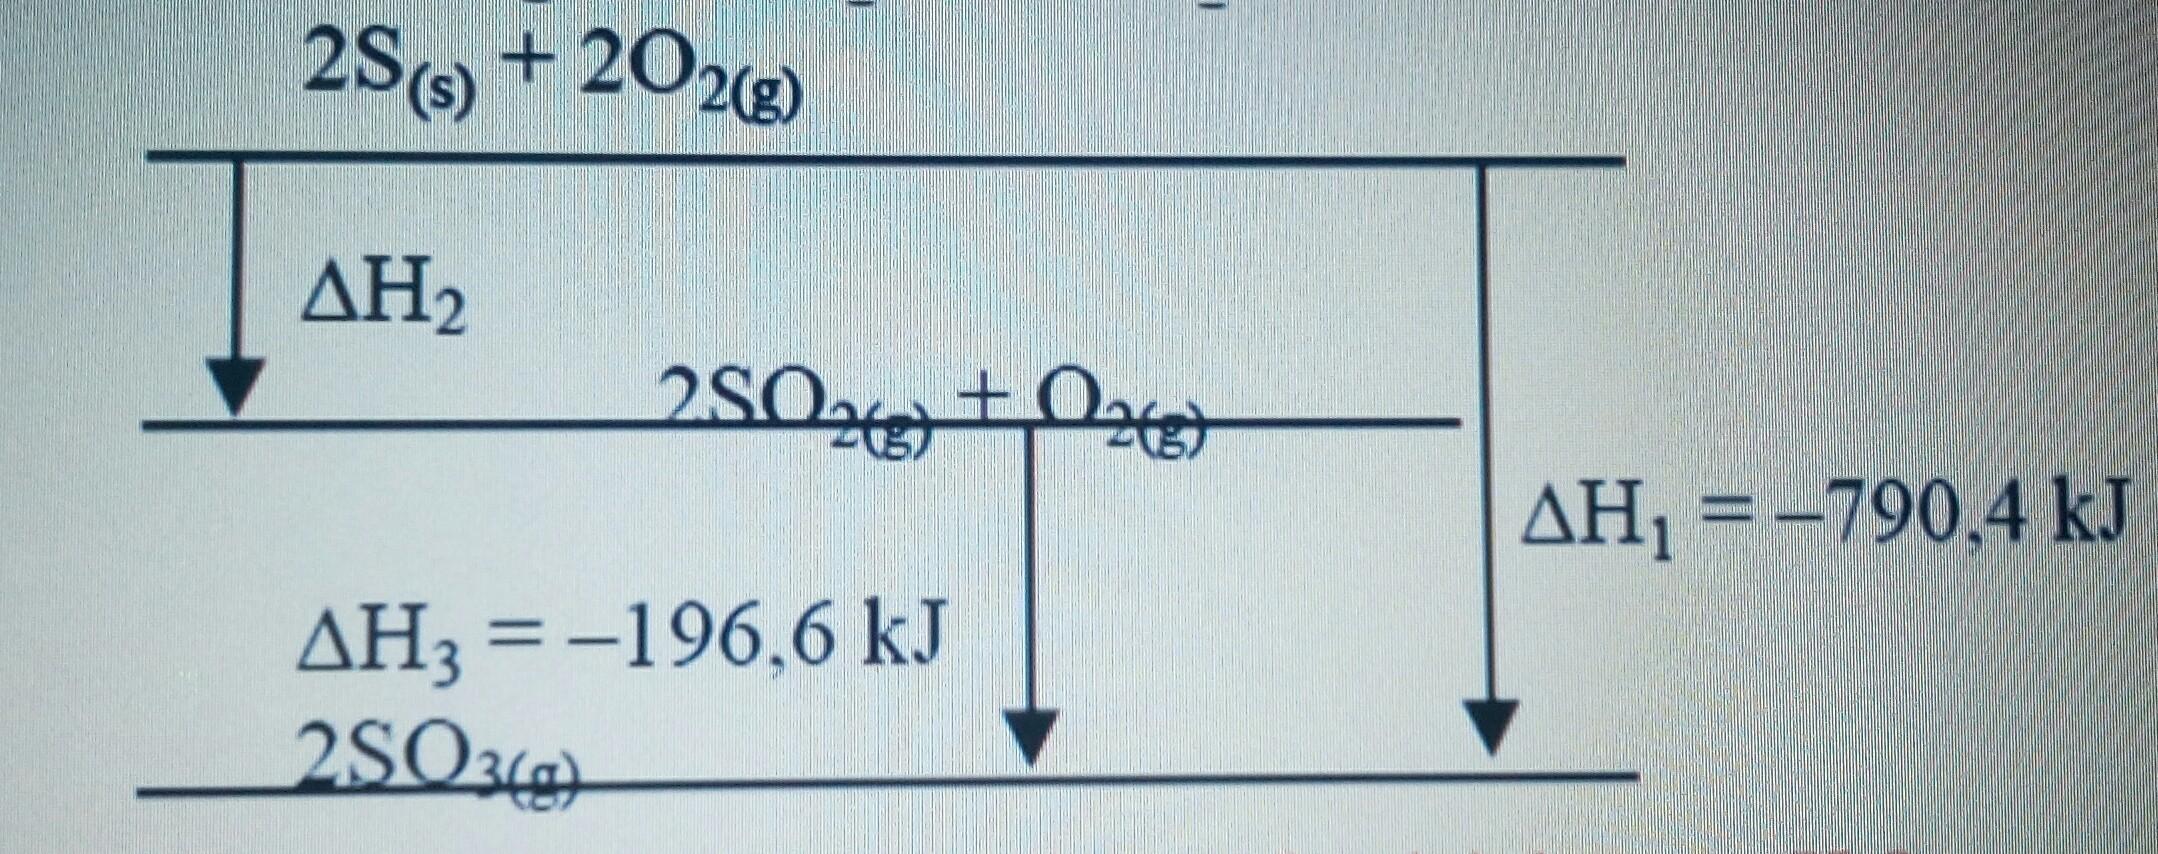 Perhatikan diagram tingkat energi berikut ini berdasarkan diagram unduh jpg ccuart Image collections